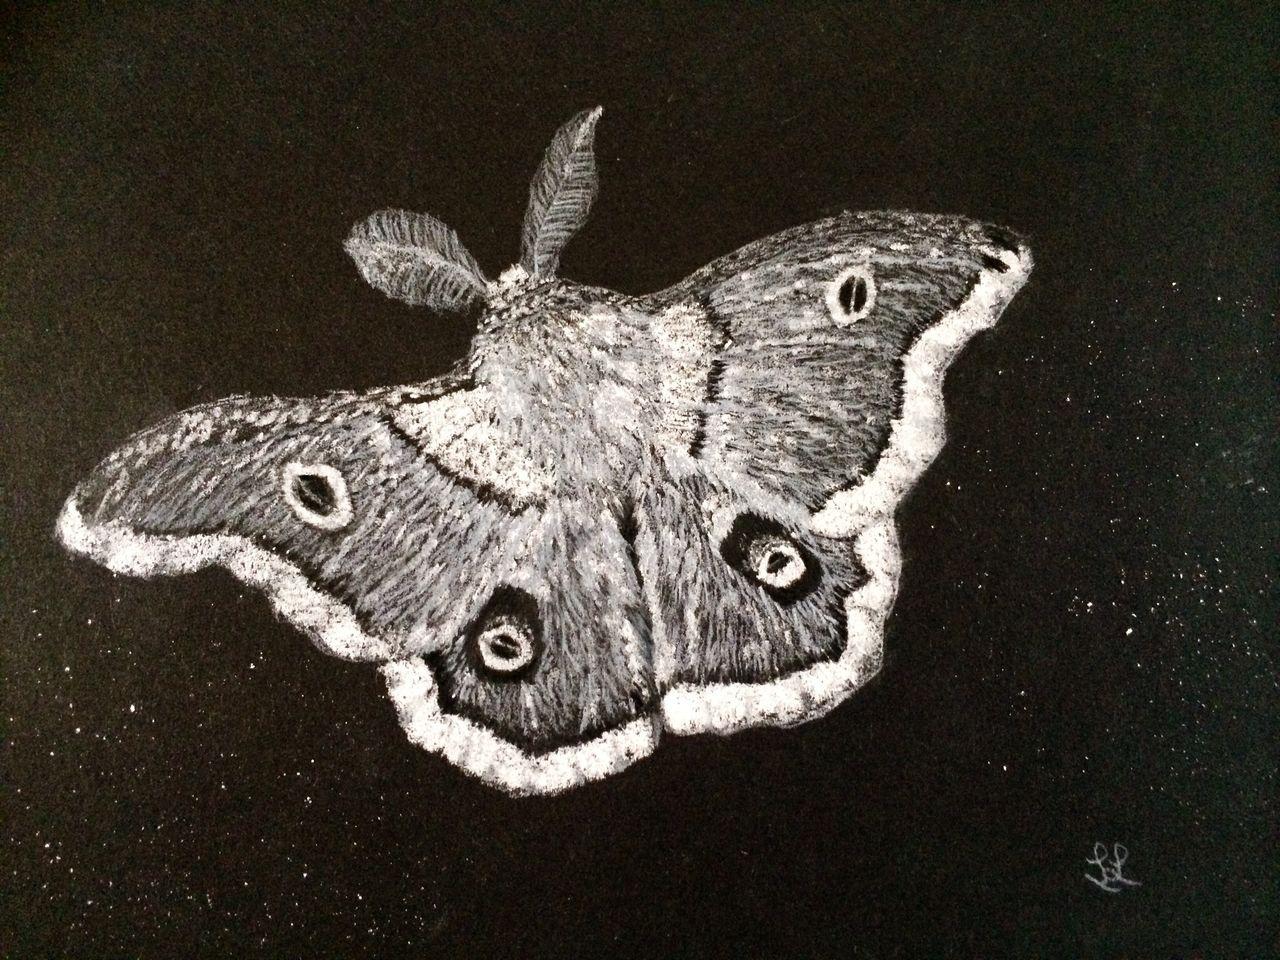 bild motte zeichenkohle natur zeichnung von elefantenfuss bei kunstnet. Black Bedroom Furniture Sets. Home Design Ideas